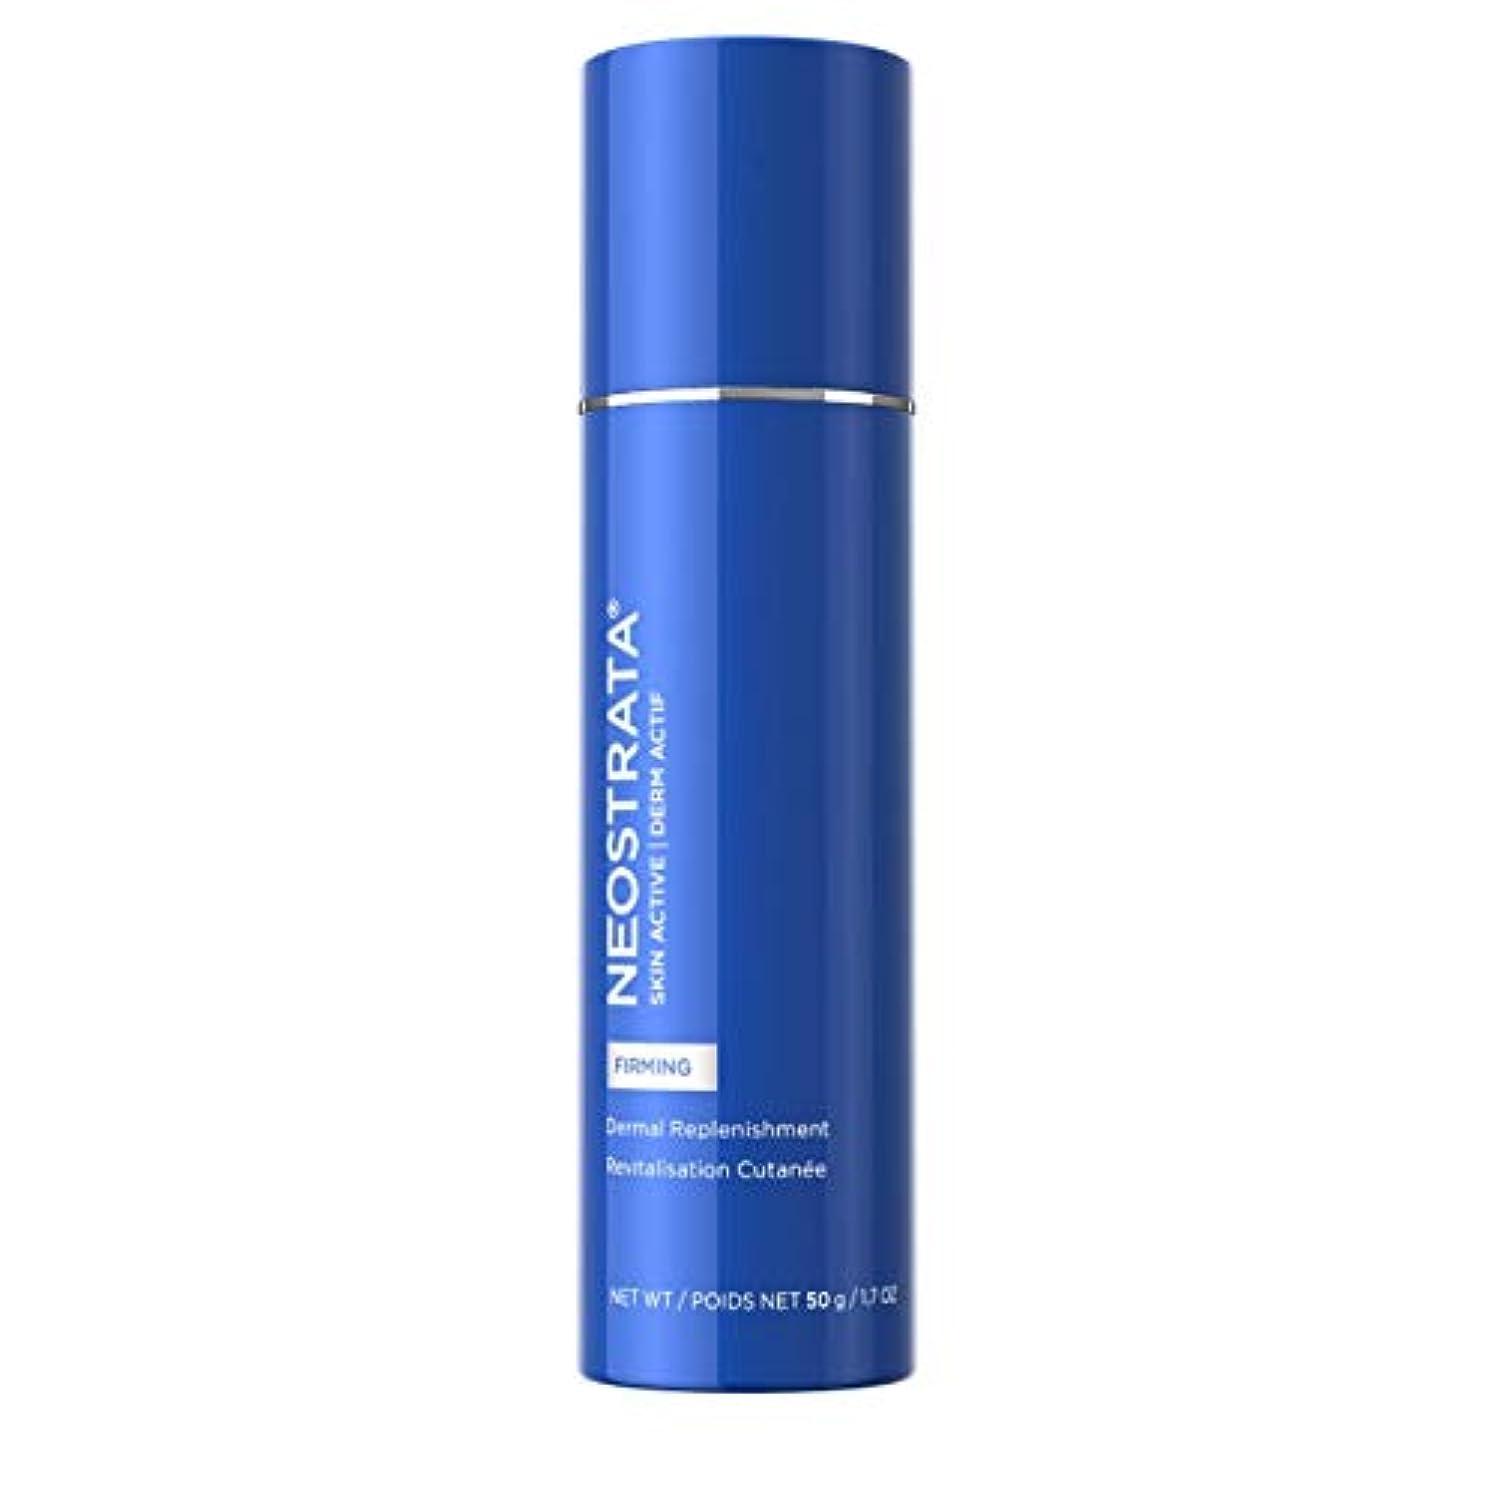 パプアニューギニアリングハードウェアネオストラータ Skin Active Derm Actif Firming - Dermal Replenishment Natural Moisturizing Factor Concentrate 50g/0.17oz...